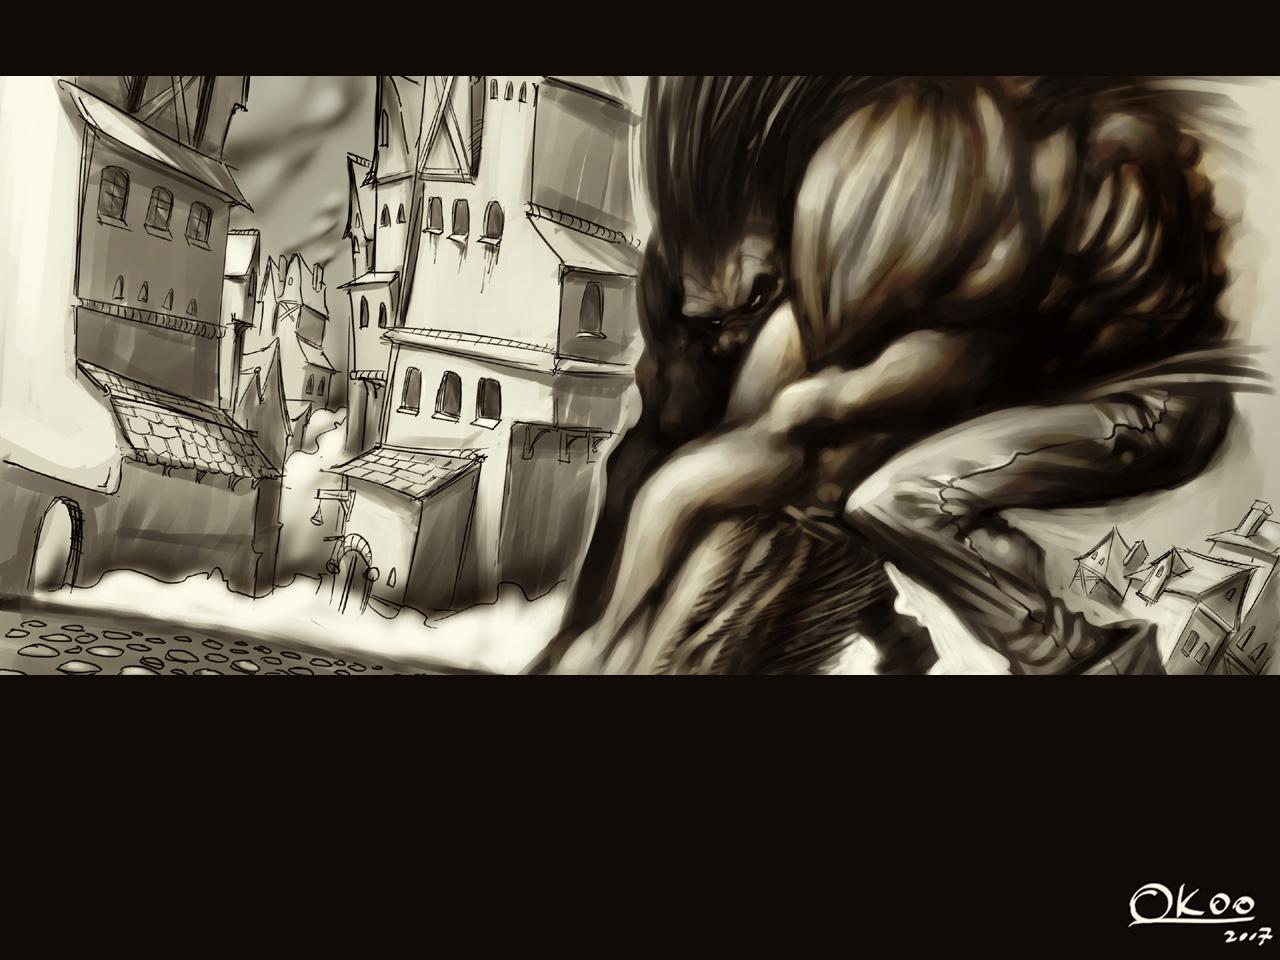 werewolf_wallpaper_by_Okoolarniq.jpg